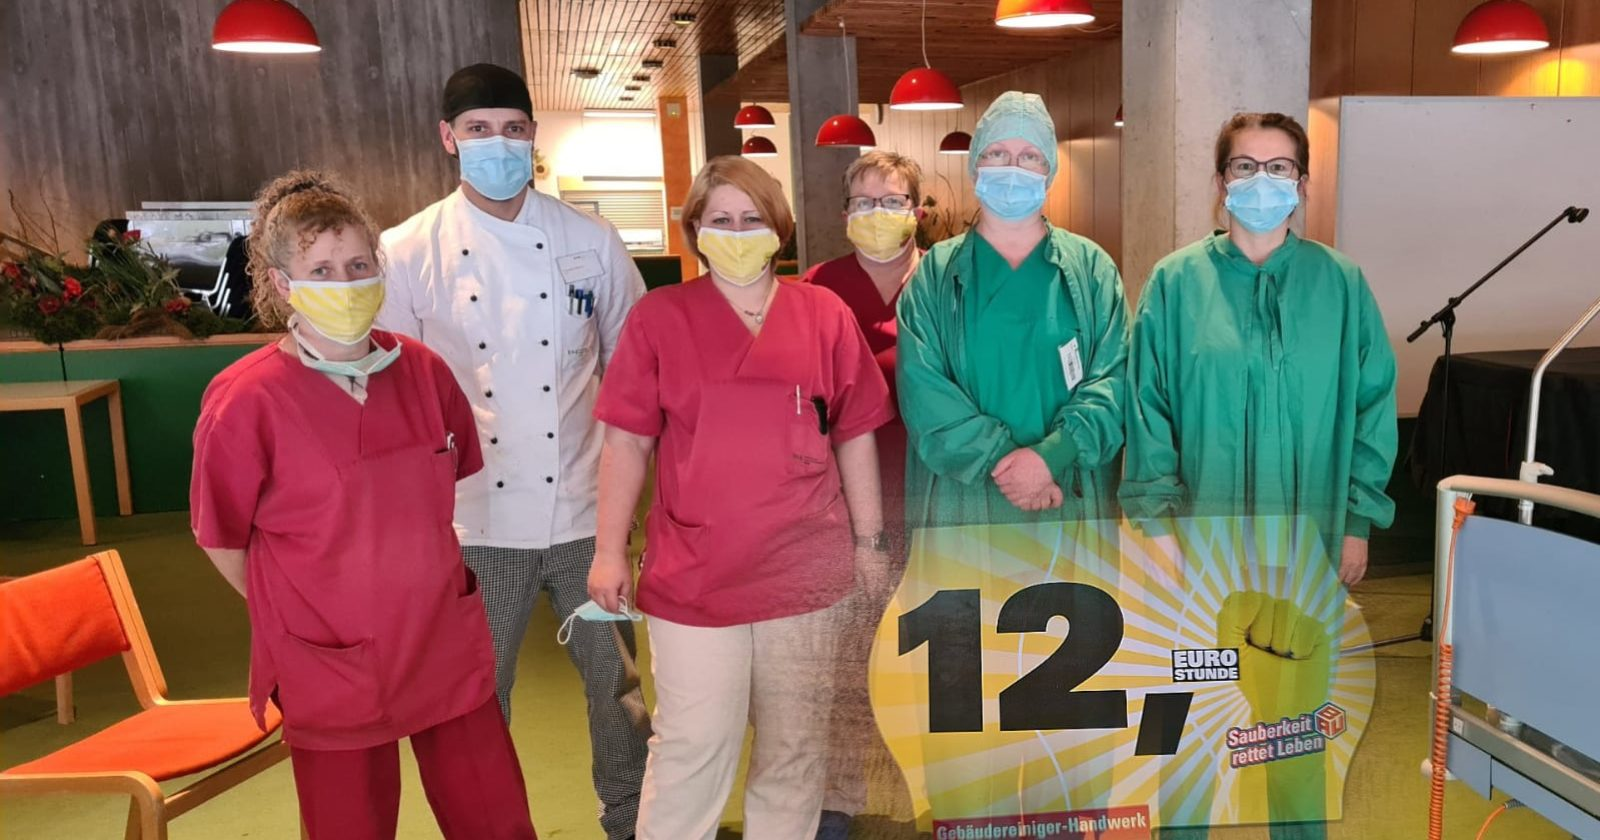 Sauberkeit rettet Leben! Deshalb unterstützen Beschäftigte des Klinikums Freudenstadt Reinigungskräfte